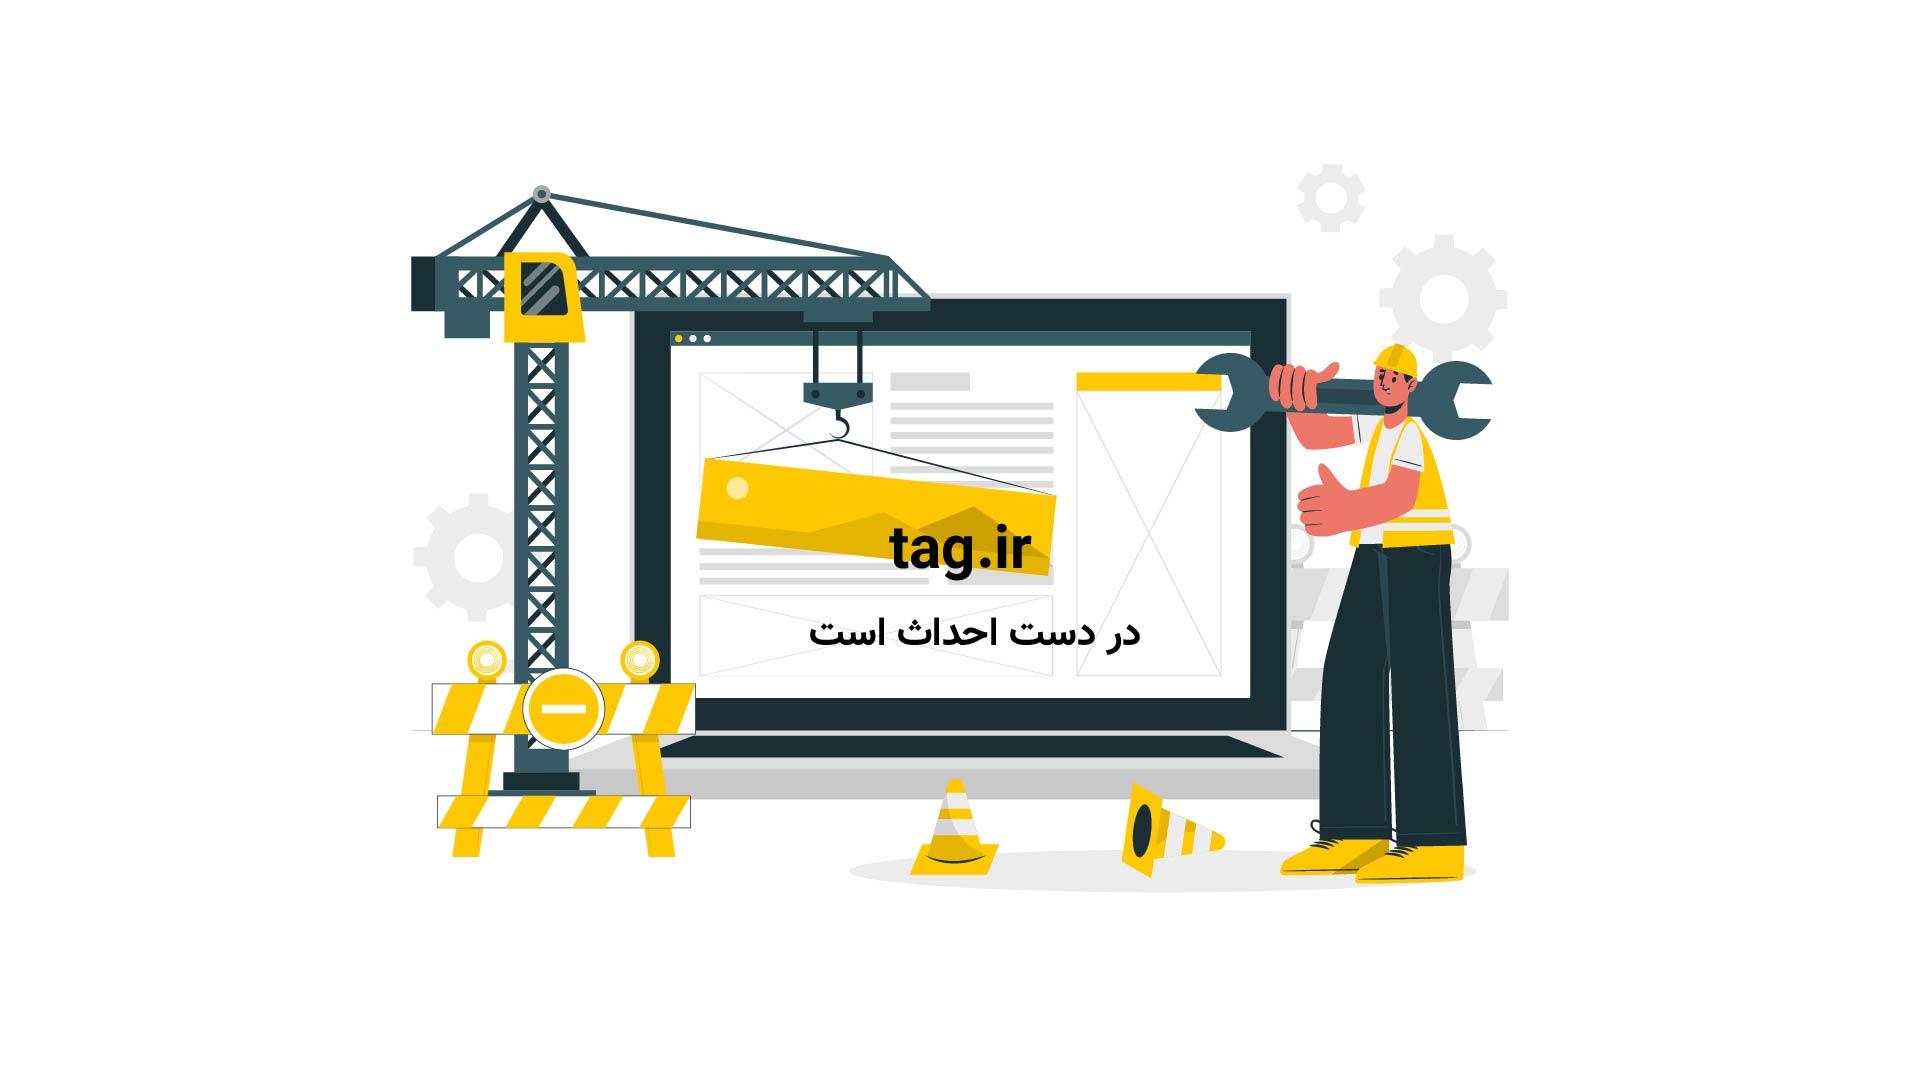 دکتر ظریف: نزدیک ترین متحدان آمریکا برابرسیاست های ضد برجامی و بدعهدی ایستادند | فیلم